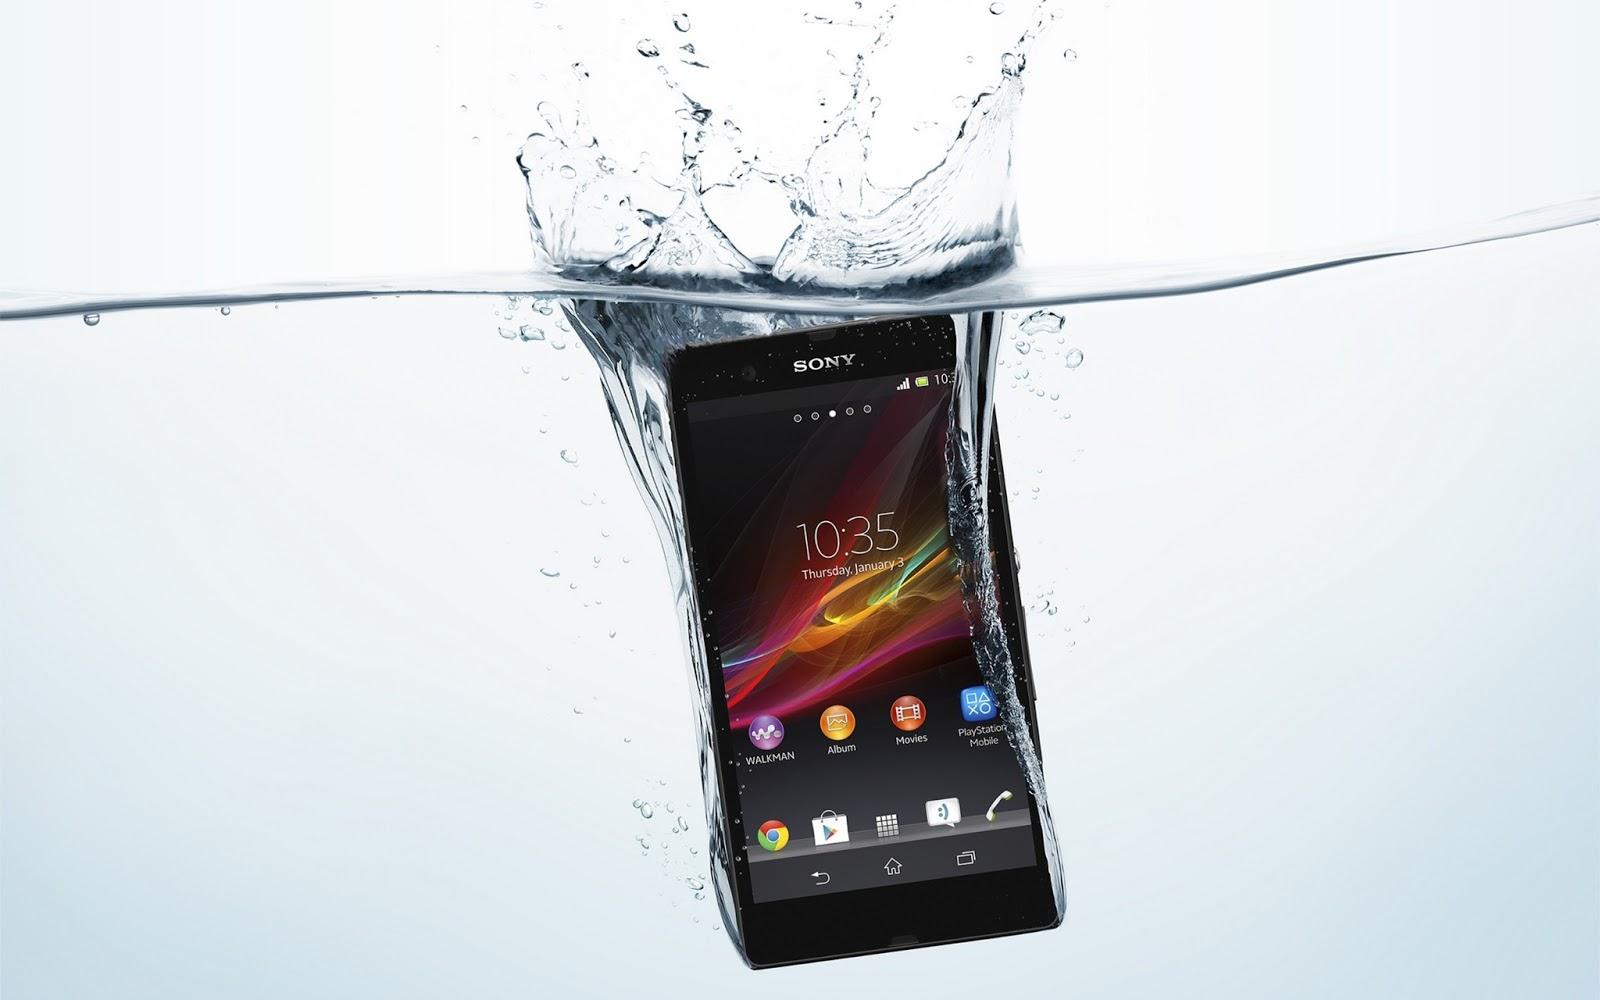 Celular à prova d'água Xperia™ Z3 Compact Sony Xperia  - imagens de celular xperia